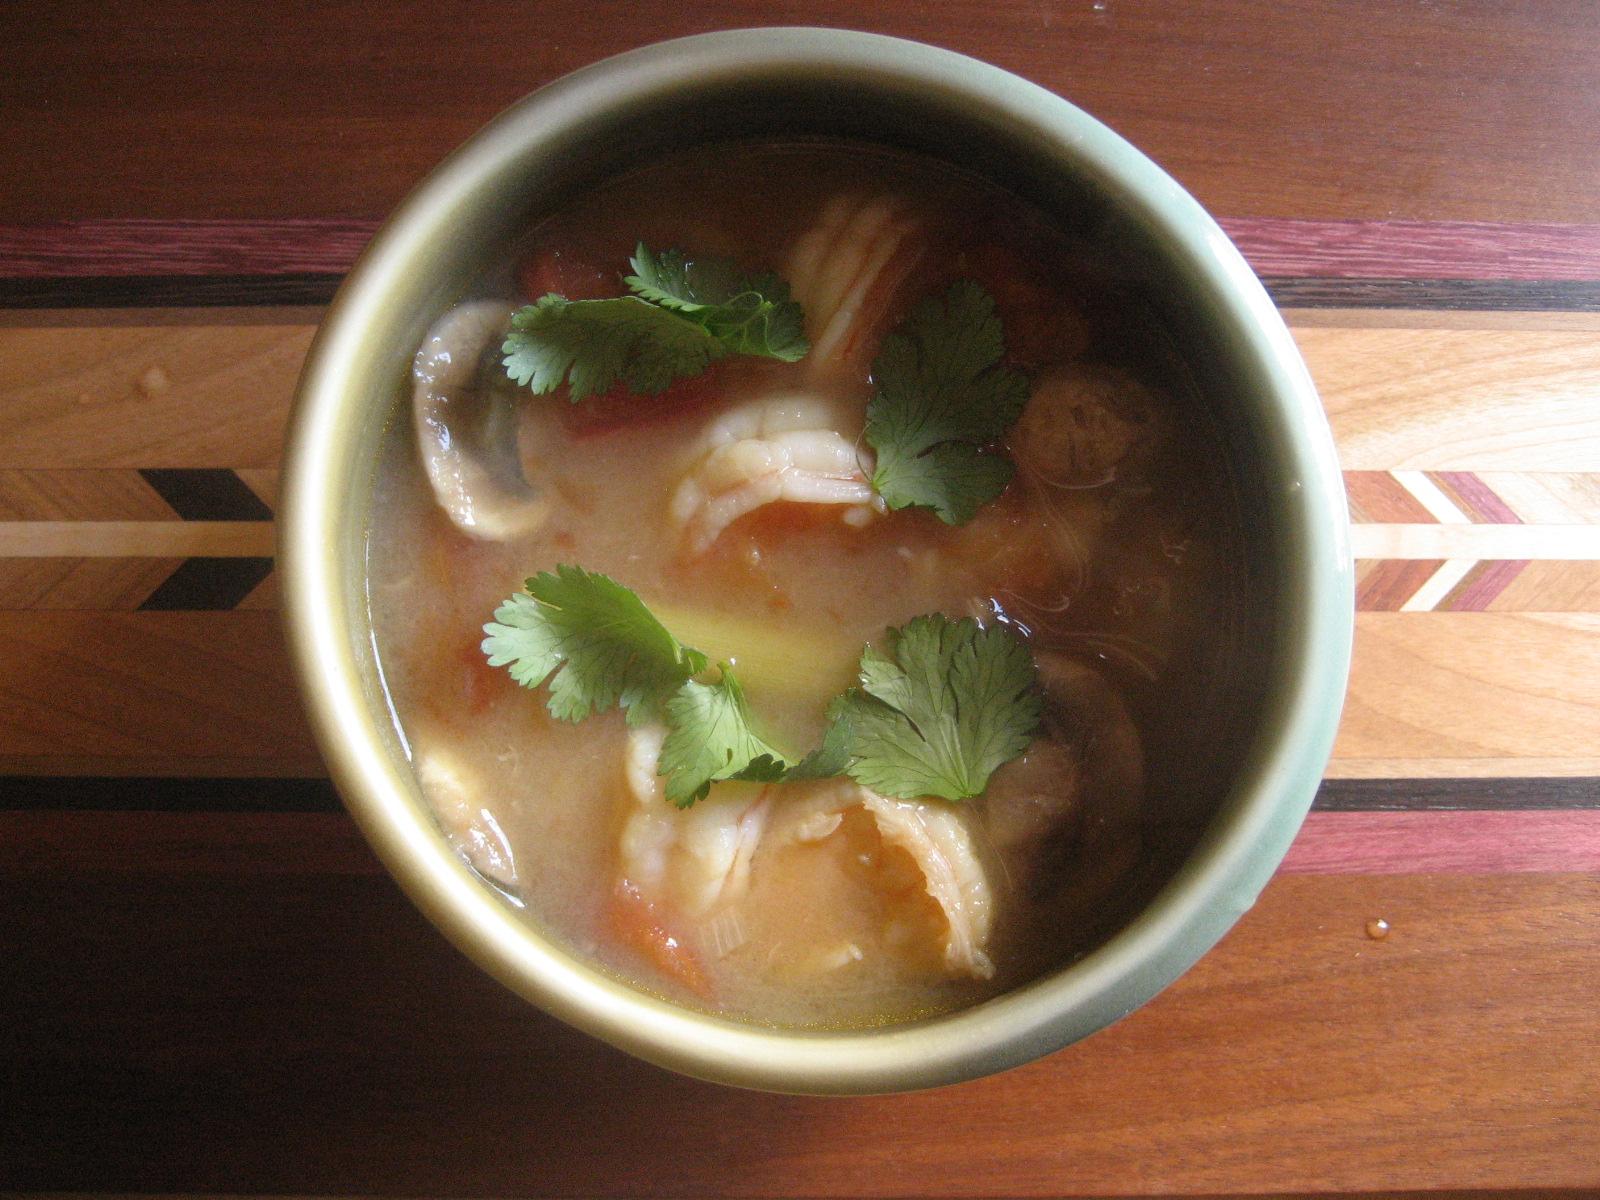 ... soup egg drop soup egg drop soup recipe one of each soup egg drop soup